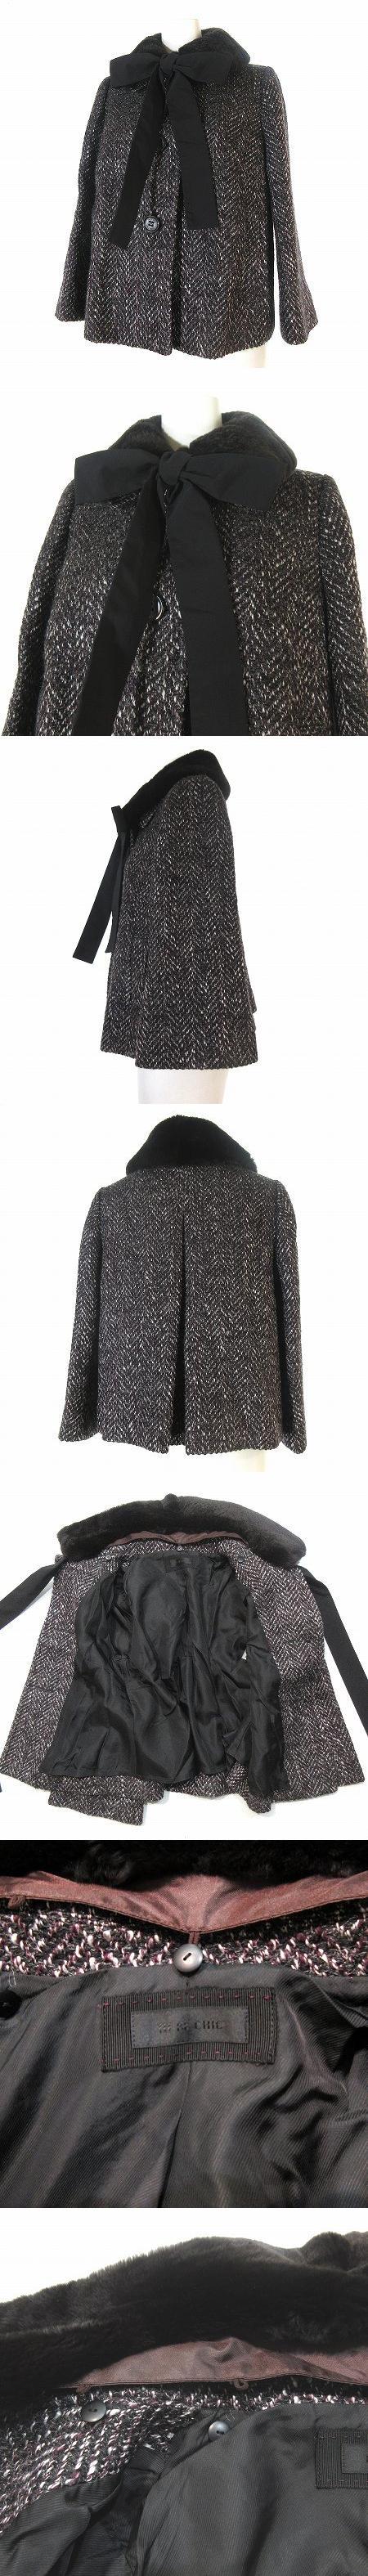 ジャケット ステンカラー コート ショート丈 ツイード ラビットファー襟 リボン 2WAY 長袖 茶系 40 アウター